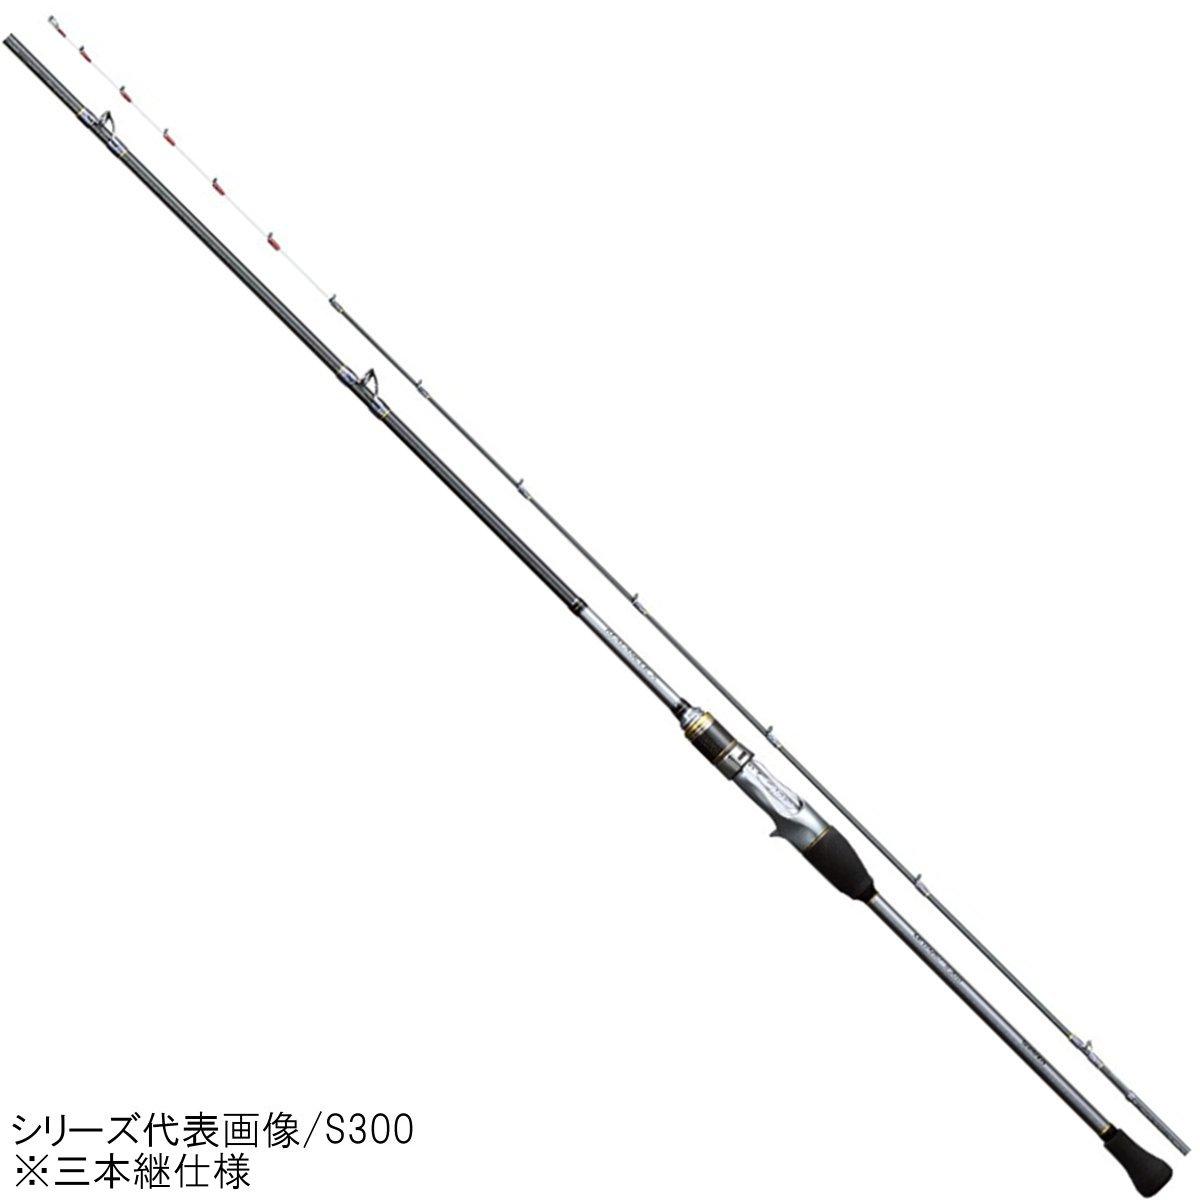 シマノ リアランサー X メバル M360